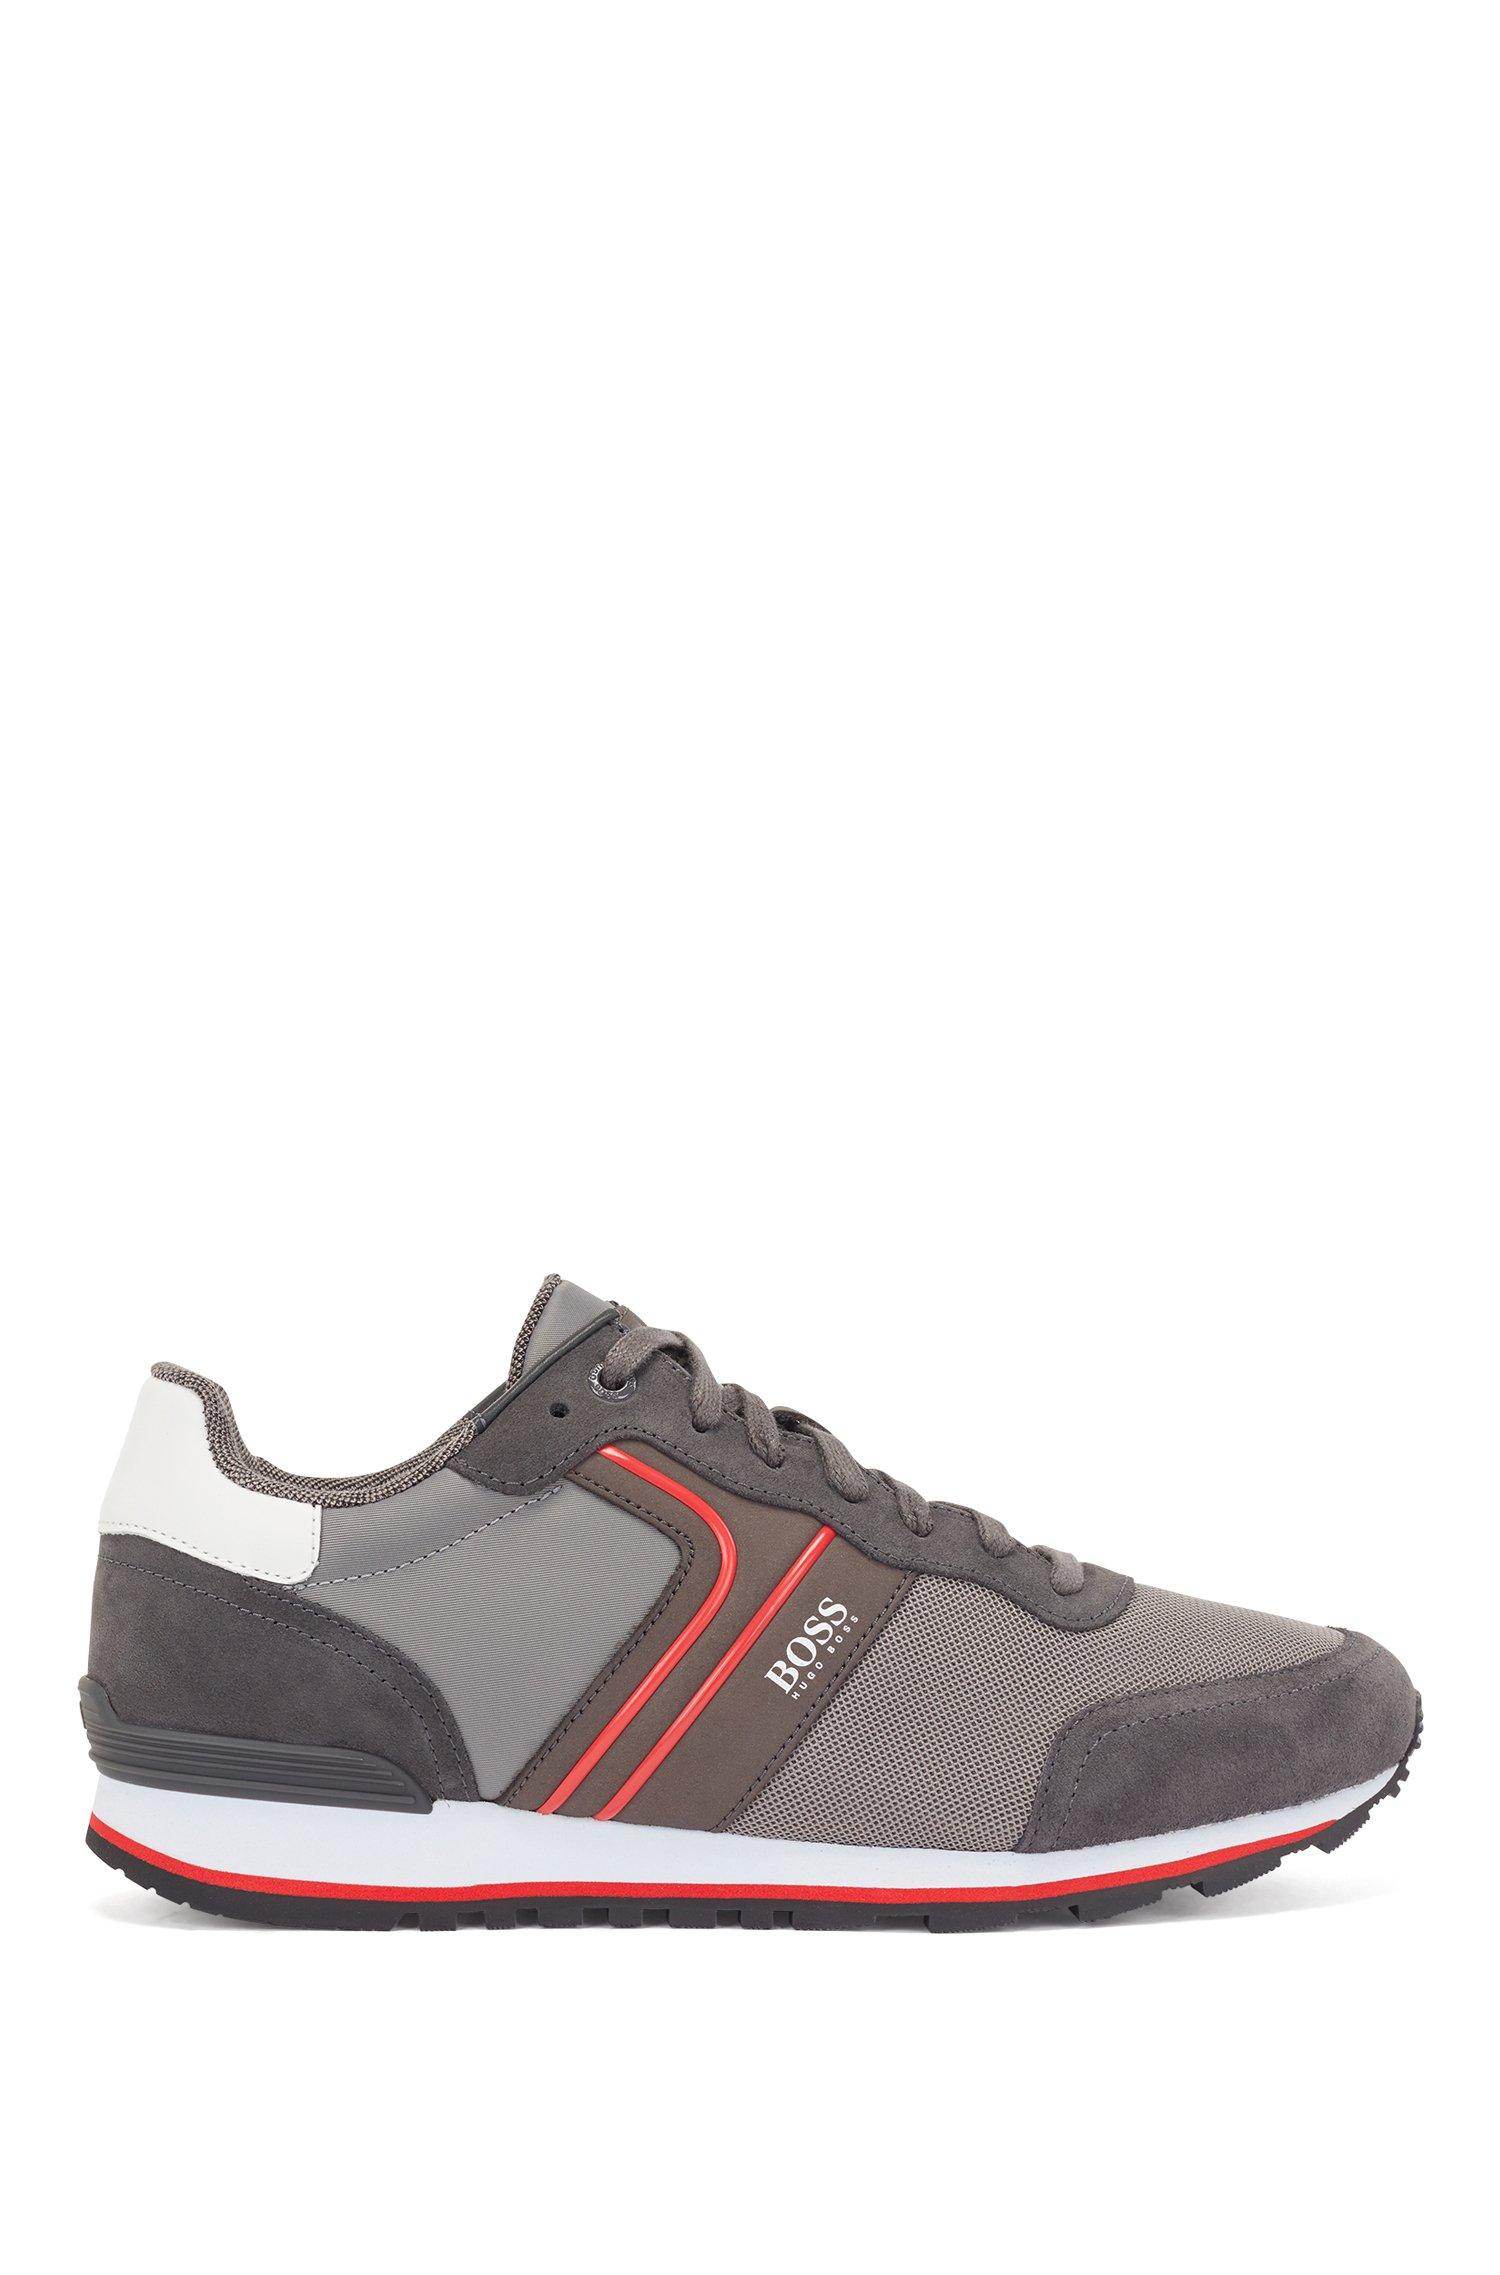 Baskets inspirées des chaussures de course en cuir suédé et mesh, Gris sombre